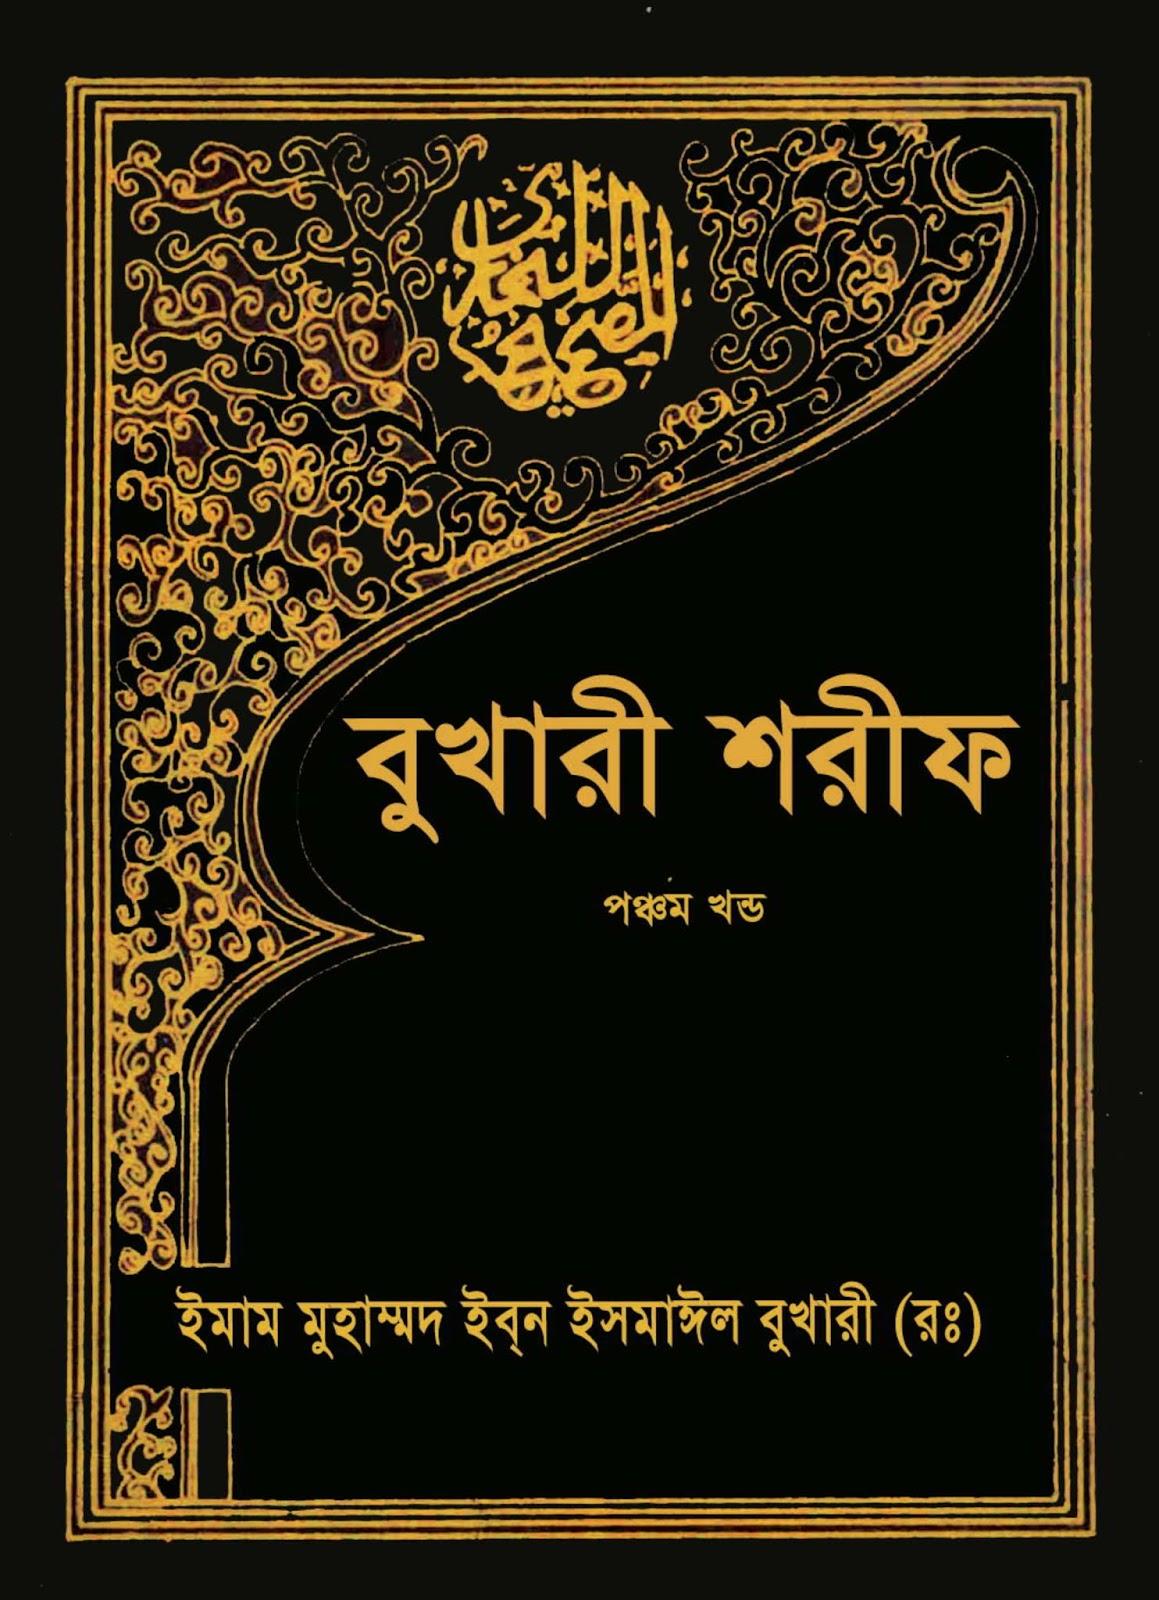 বোখারী শরীফ ৫ম খন্ড pdf | বোখারী শরীফ ফ্রিতে ডাউনলোড করুন | bangla hadith | bangla hadis | hadithbd | হাদিস